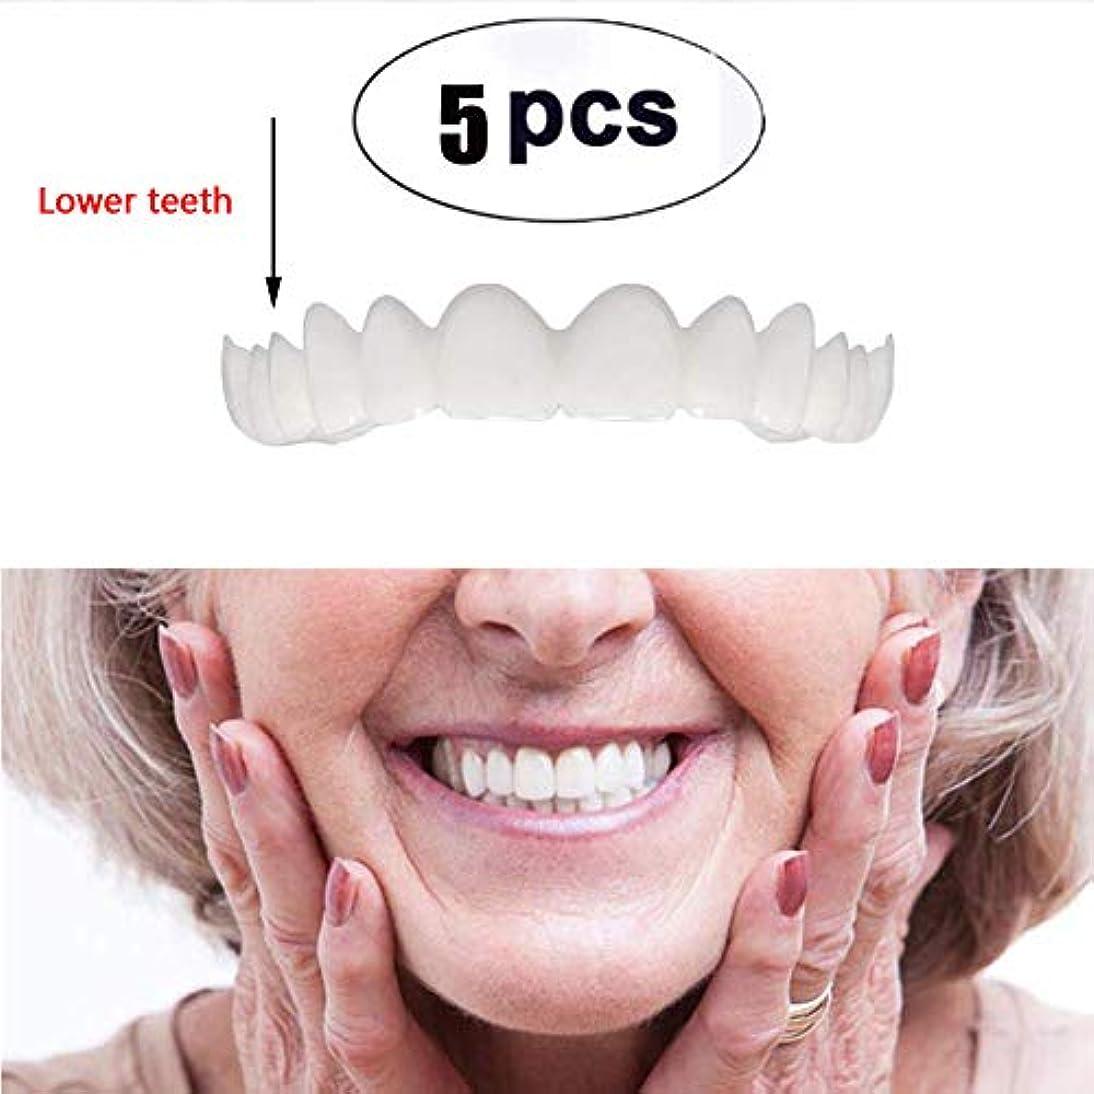 ピカソ急行するアンケート5ピース下の歯一時的な化粧品の歯化粧品模擬ブレースホワイトニング歯スナップキャップインスタント快適なフレックスパーフェクトベニア